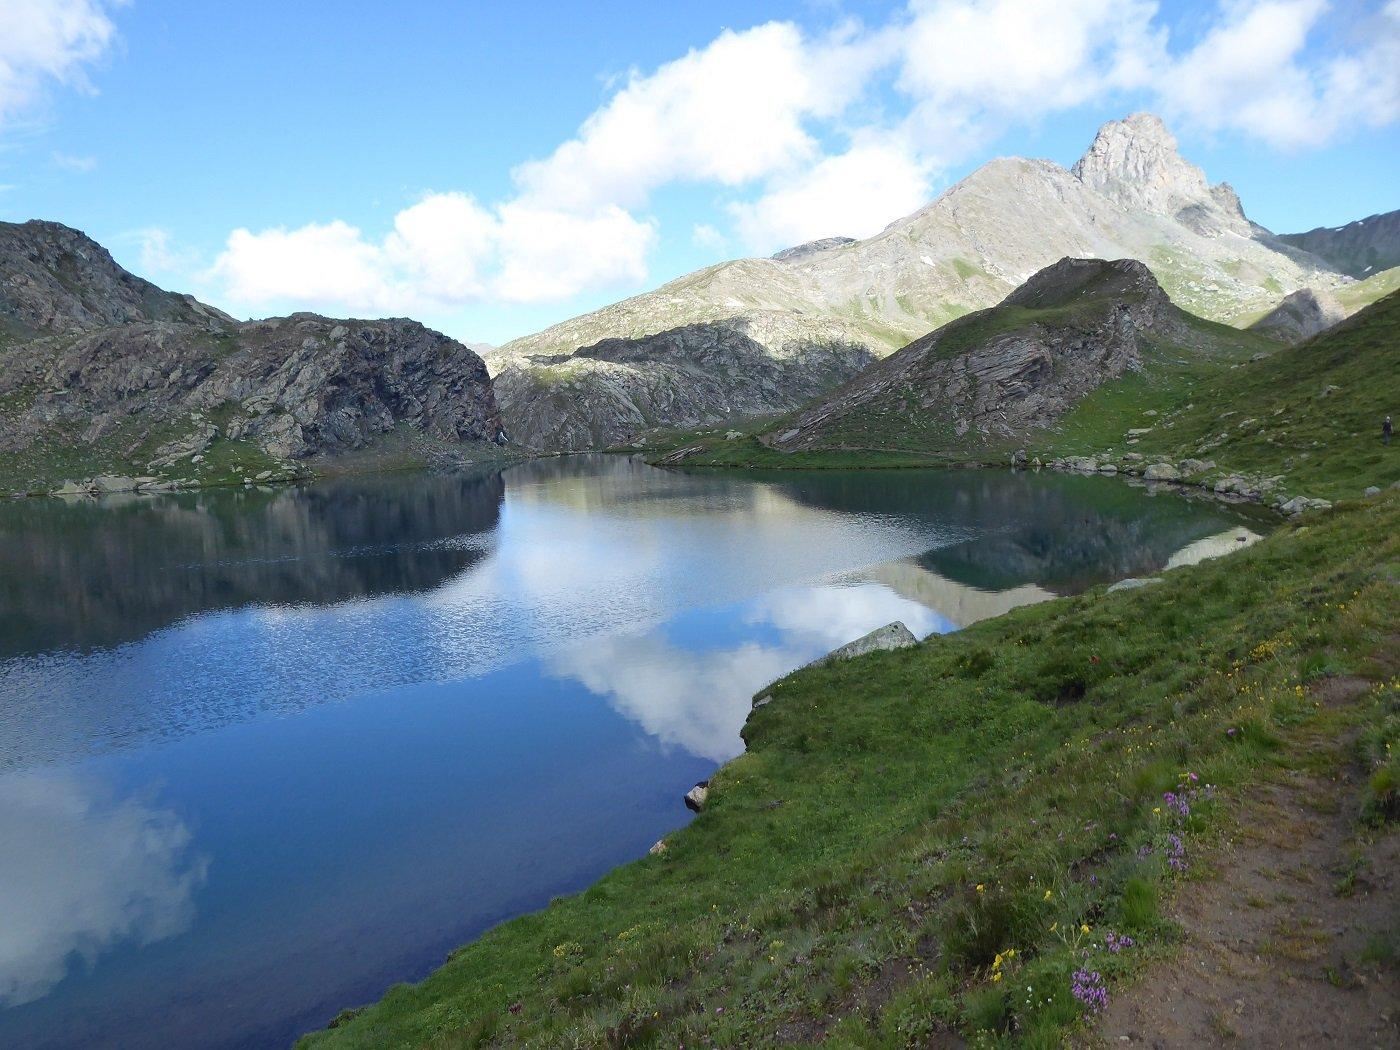 Lo splendido Lago Nero con il Roc della Niera sullo sfondo.